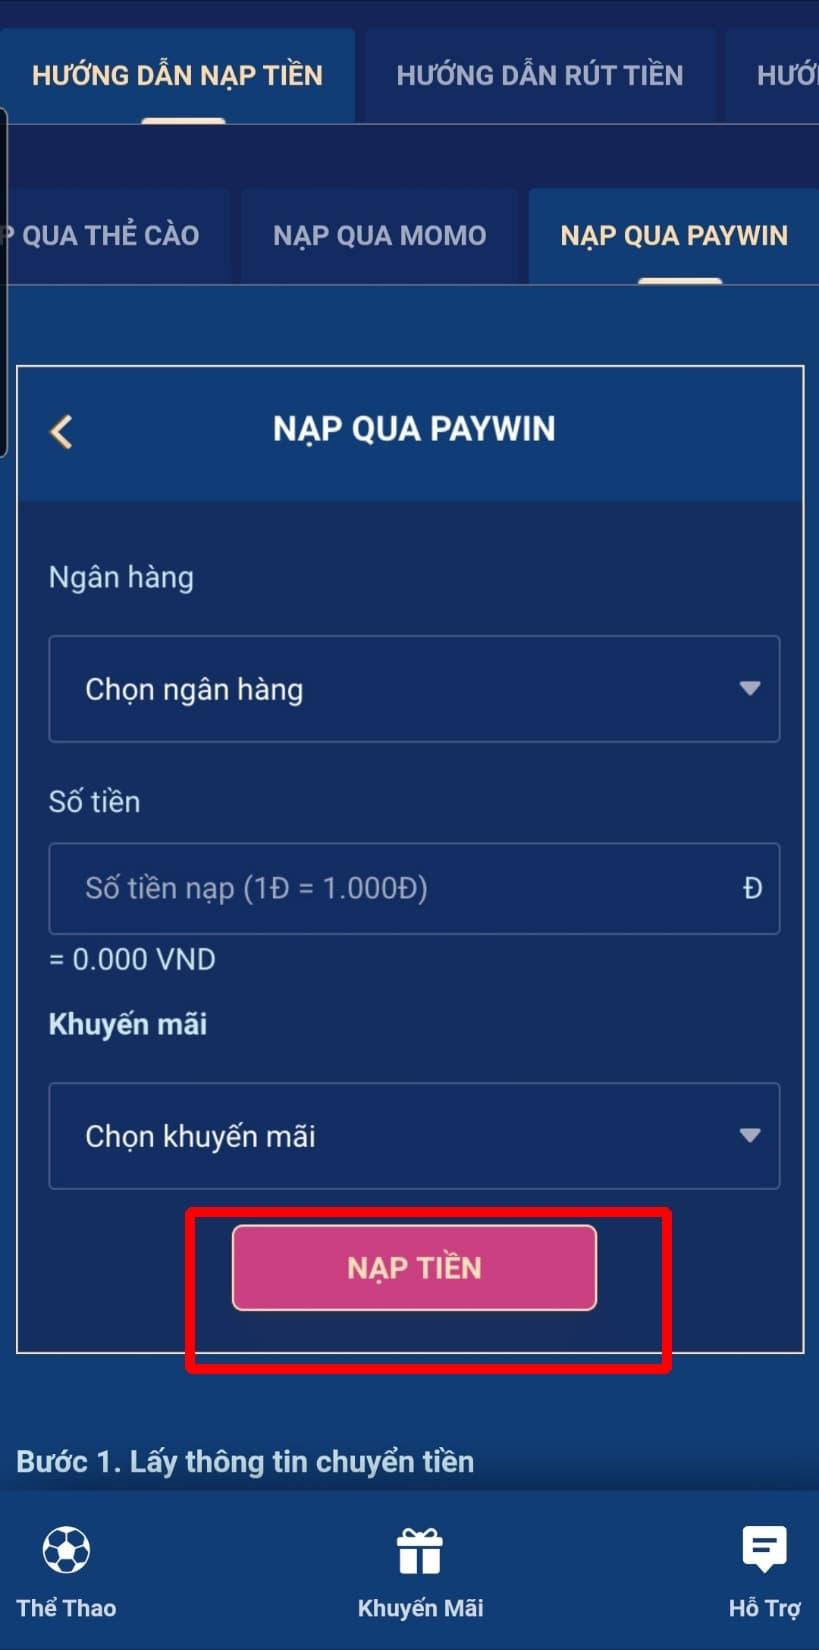 Bấm chọn NẠP TIỀN để hoàn thành quá trình nạp tiền qua paywin